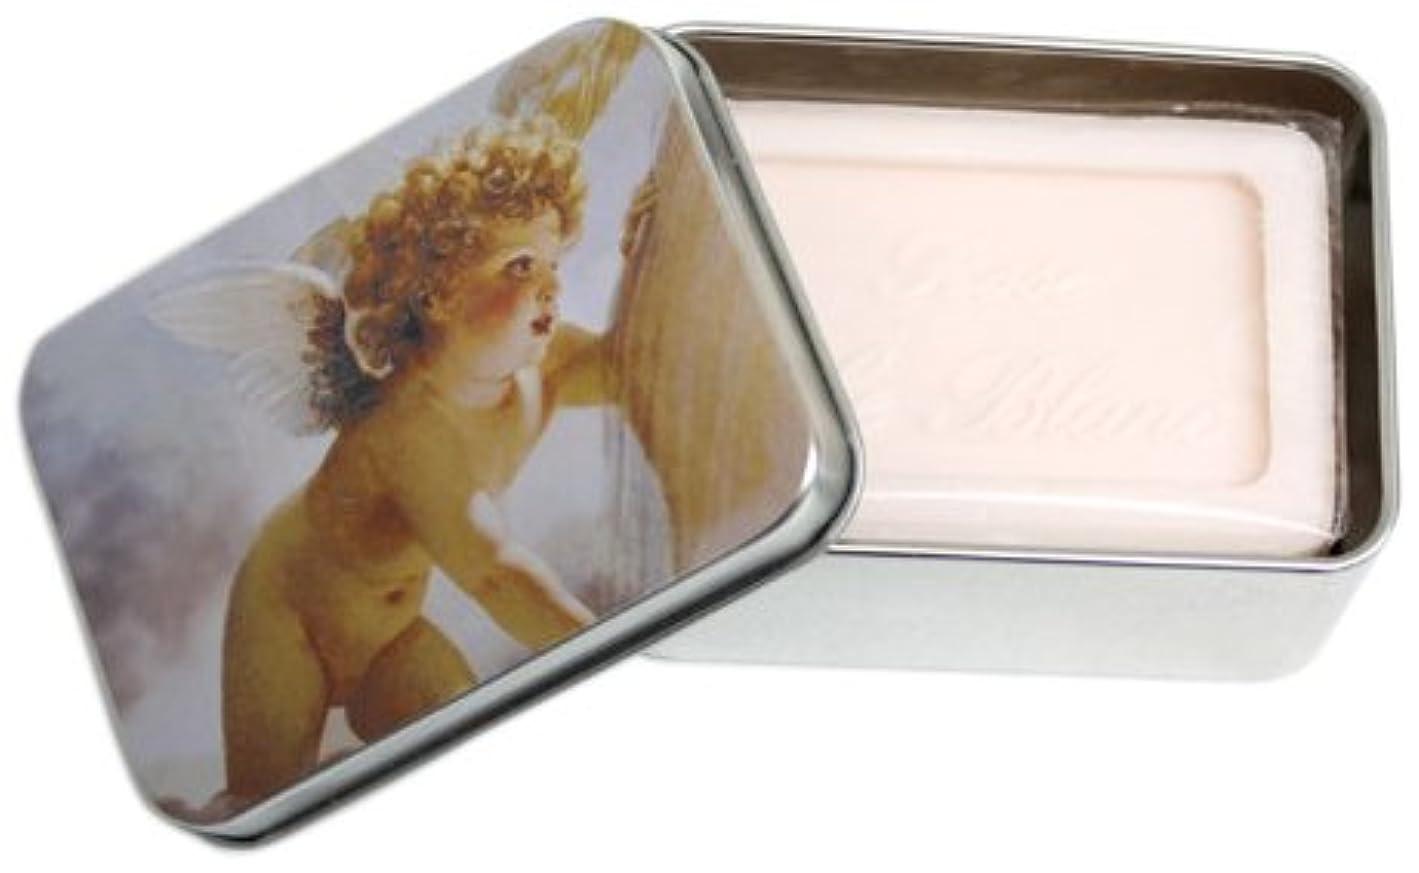 墓地舗装する虫を数えるルブランソープ メタルボックス(エンジェルA?ローズの香り)石鹸